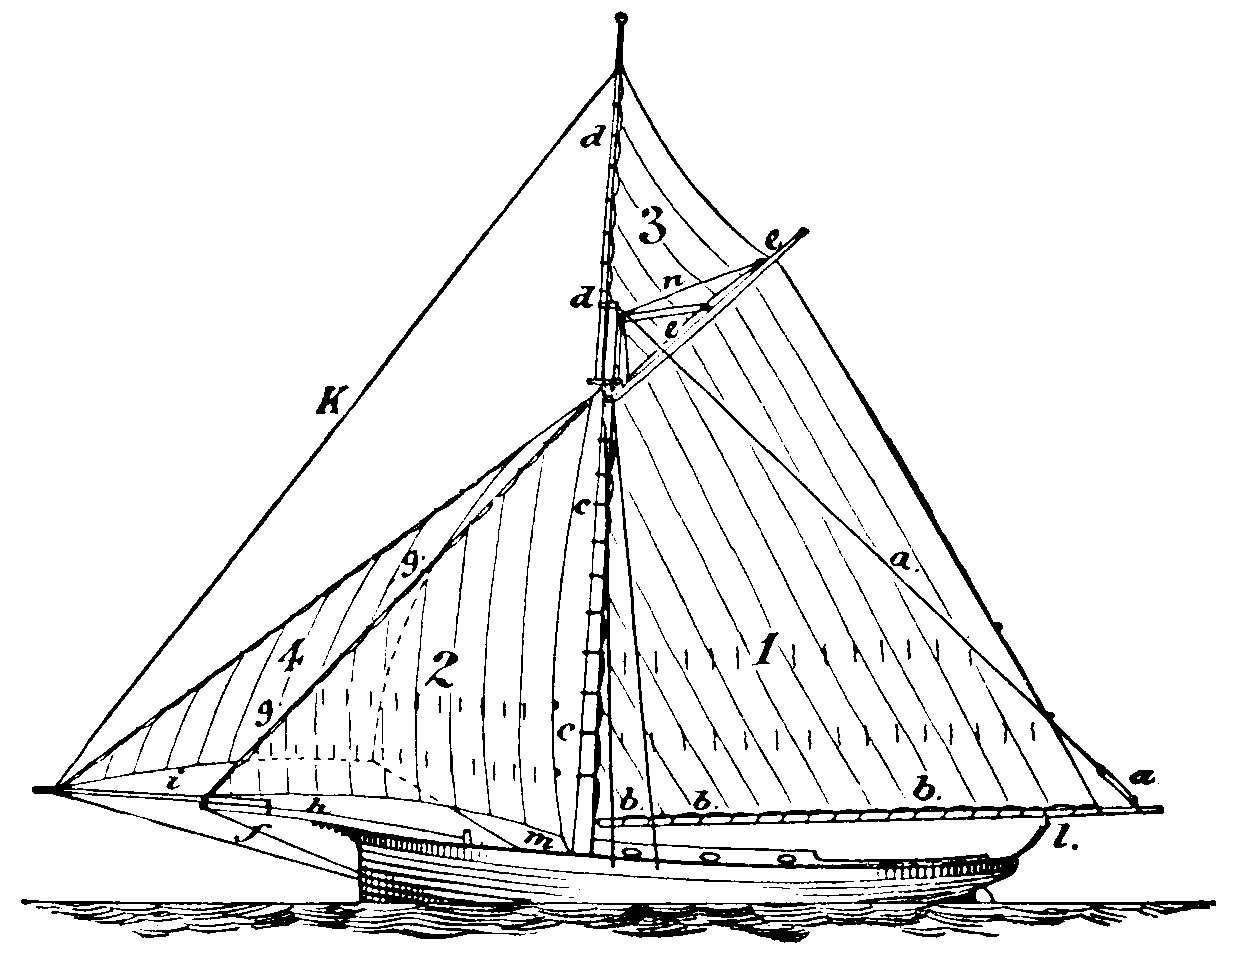 Practical Boat-Sailing , Douglas Frazar